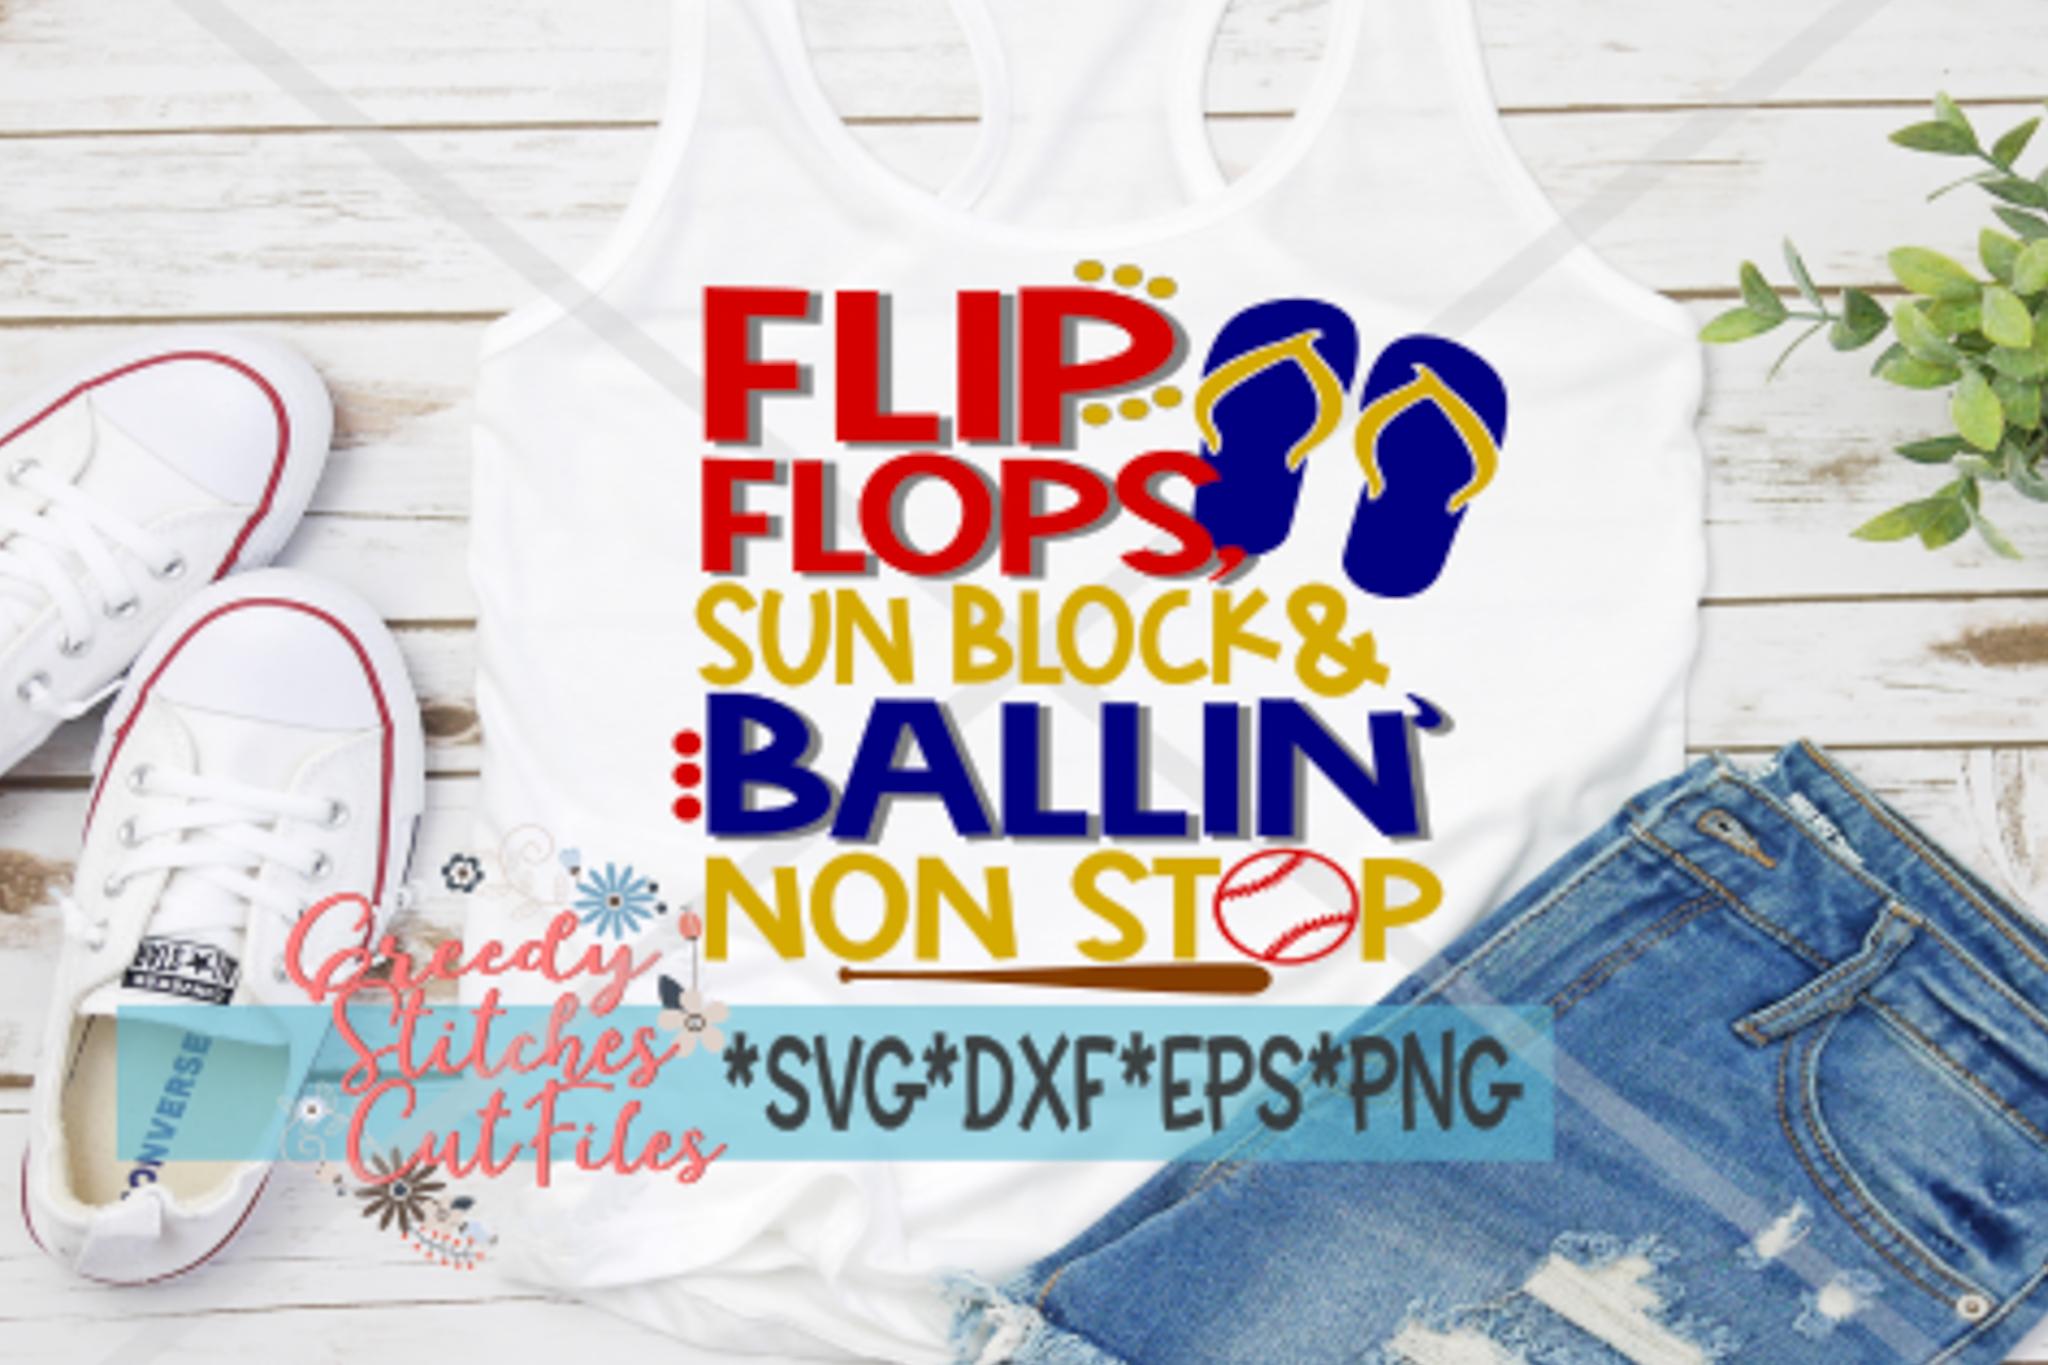 Flip Flops Sun Block Ballin' Non Stop SVG Baseball Softball example image 5